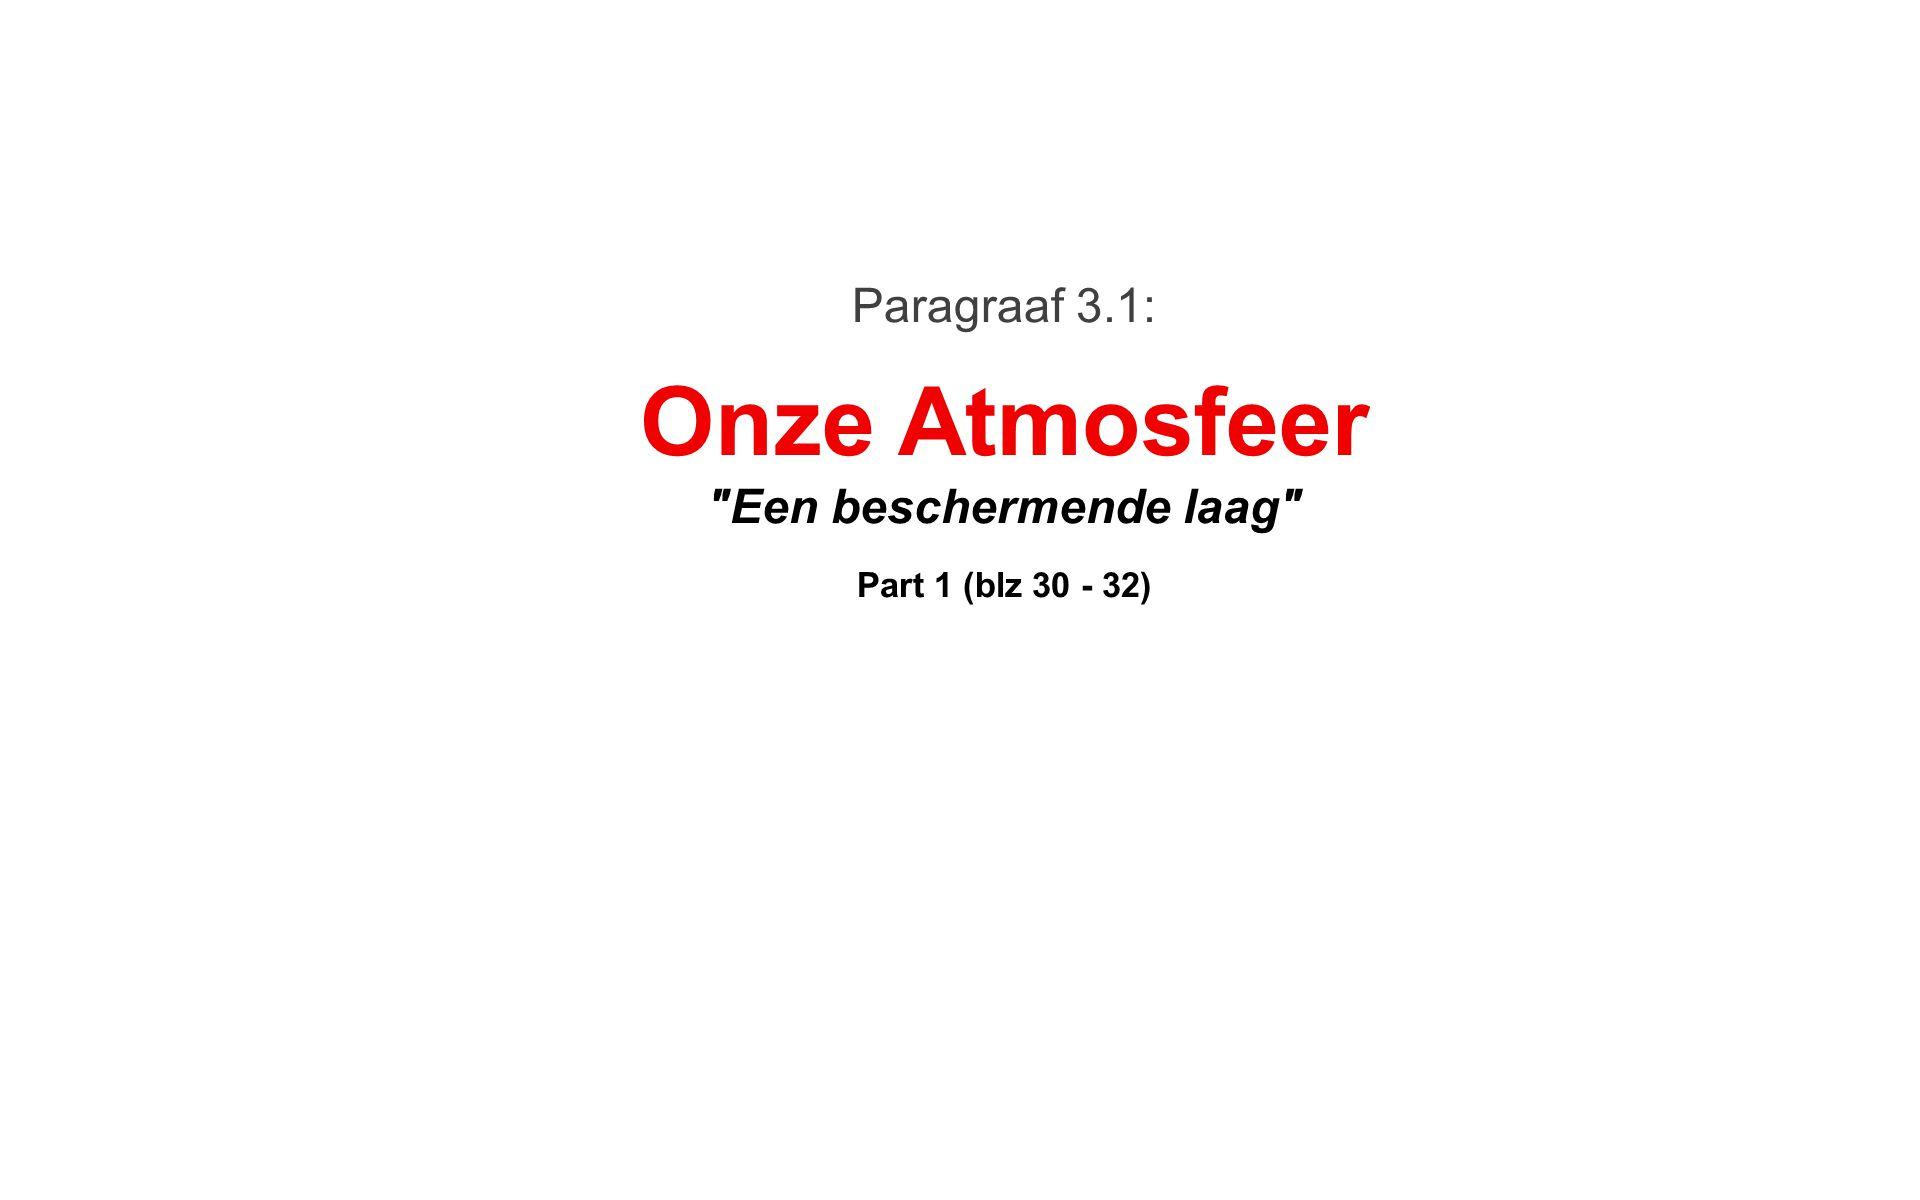 Onze Atmosfeer Paragraaf 3.1: Een beschermende laag